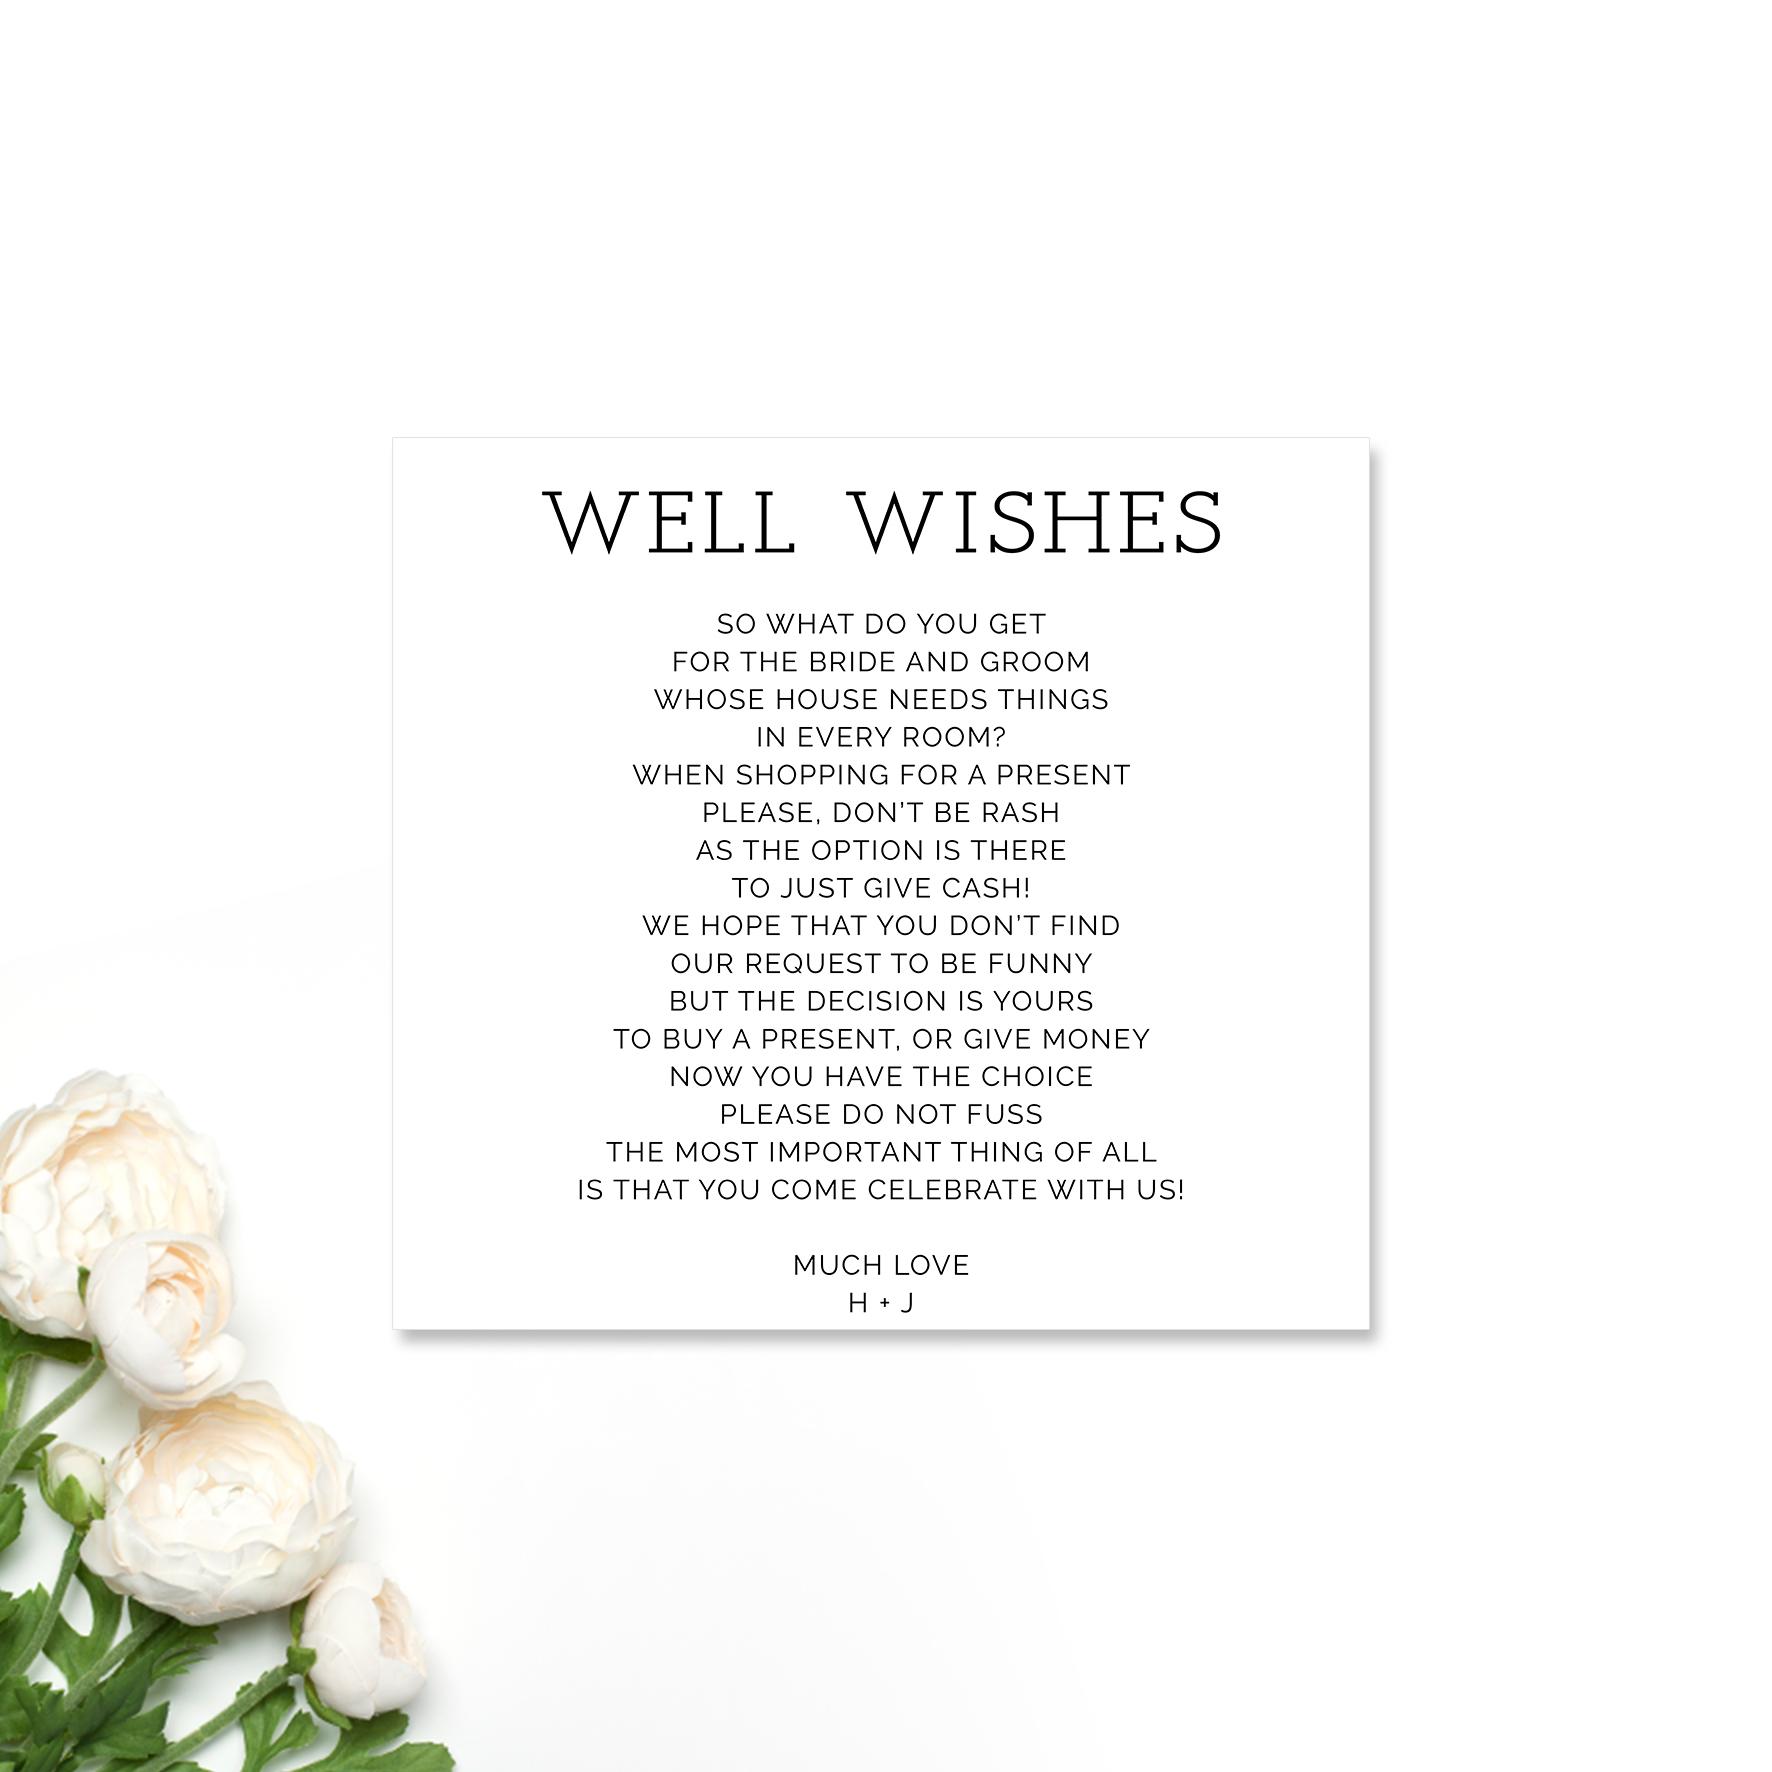 Hayley + Josh Wishing Well